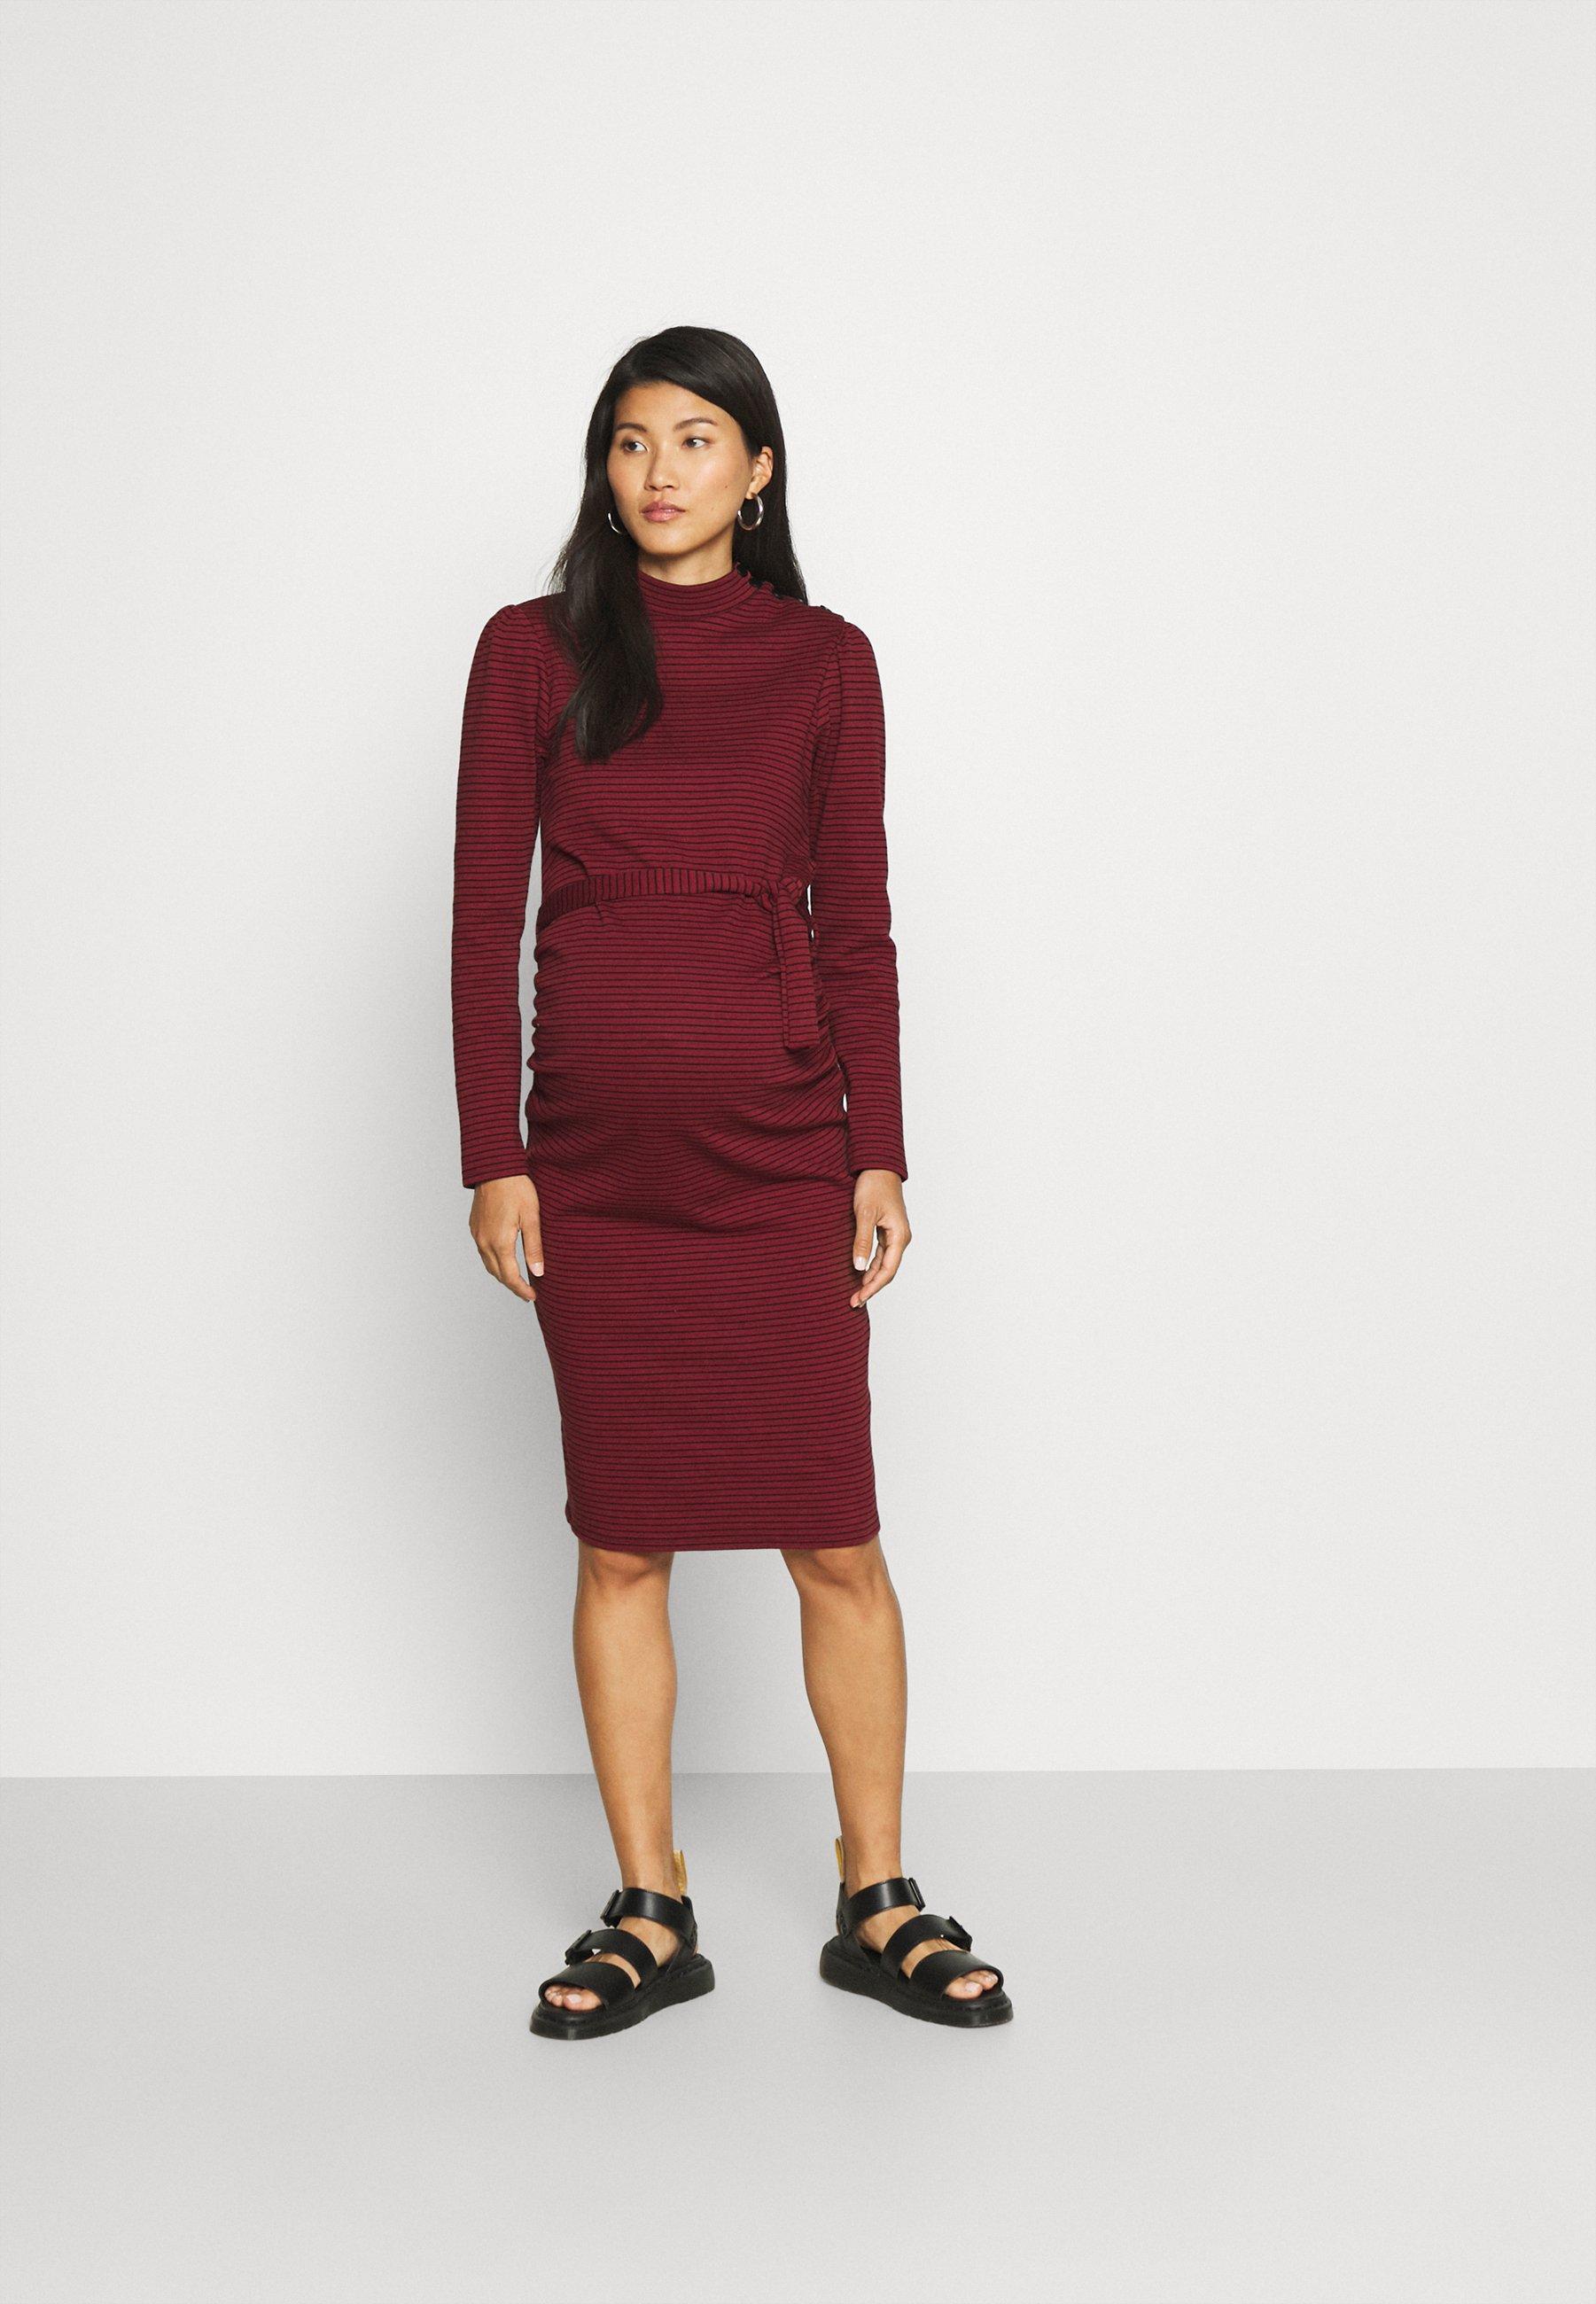 Femme DRESS HURON - Robe en jersey